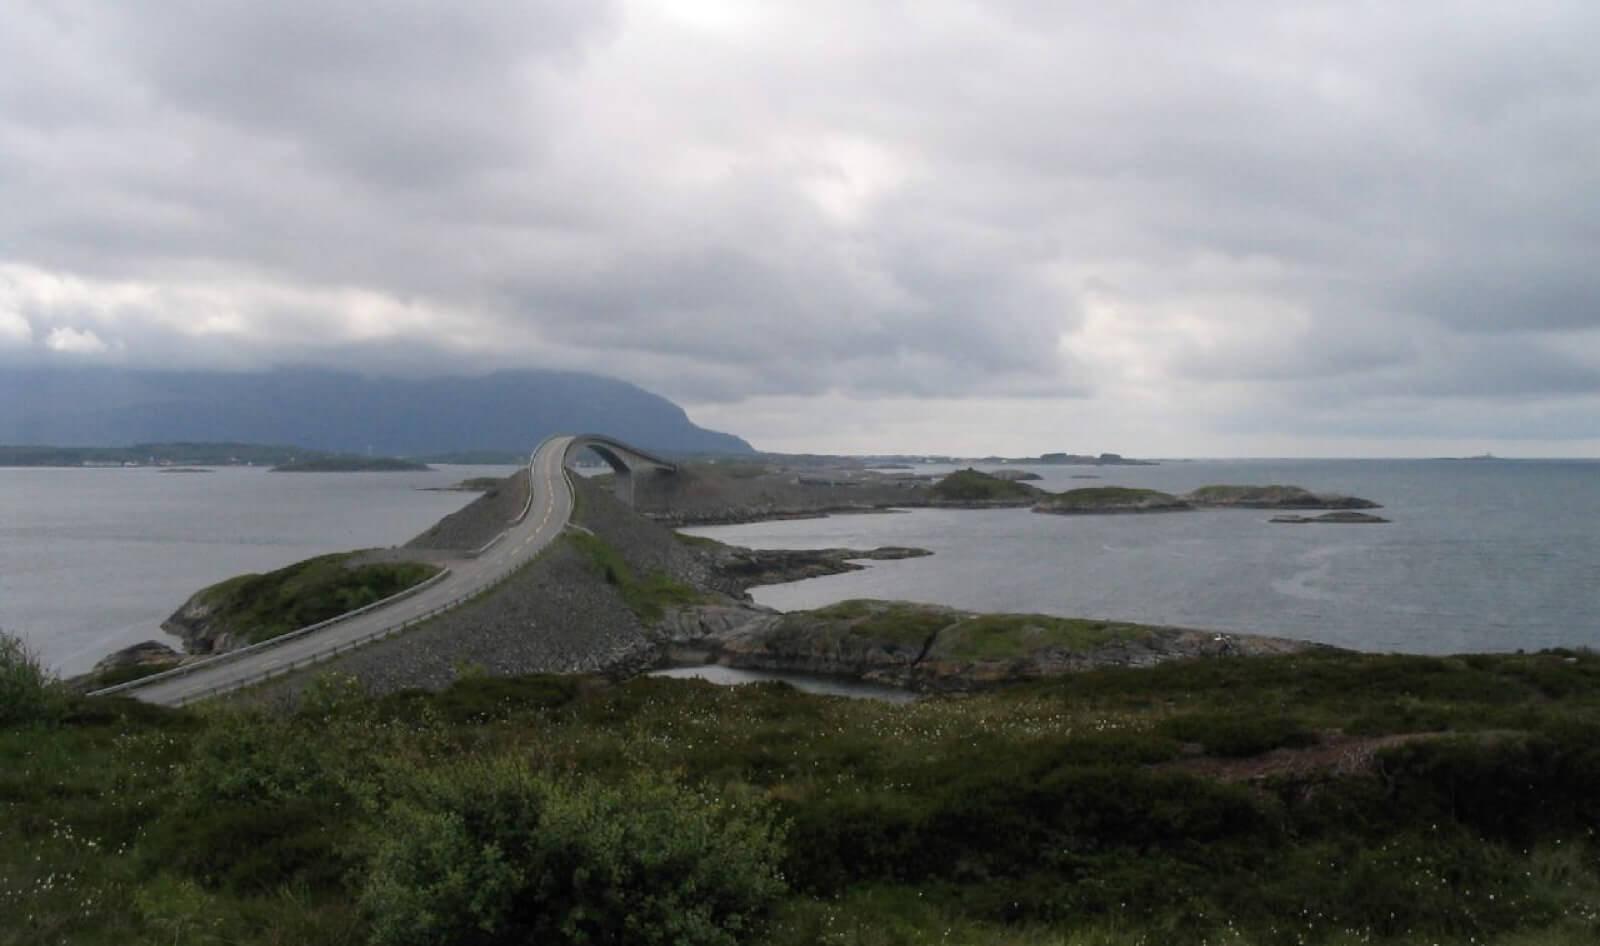 Carretera del Atlántico, Noruega